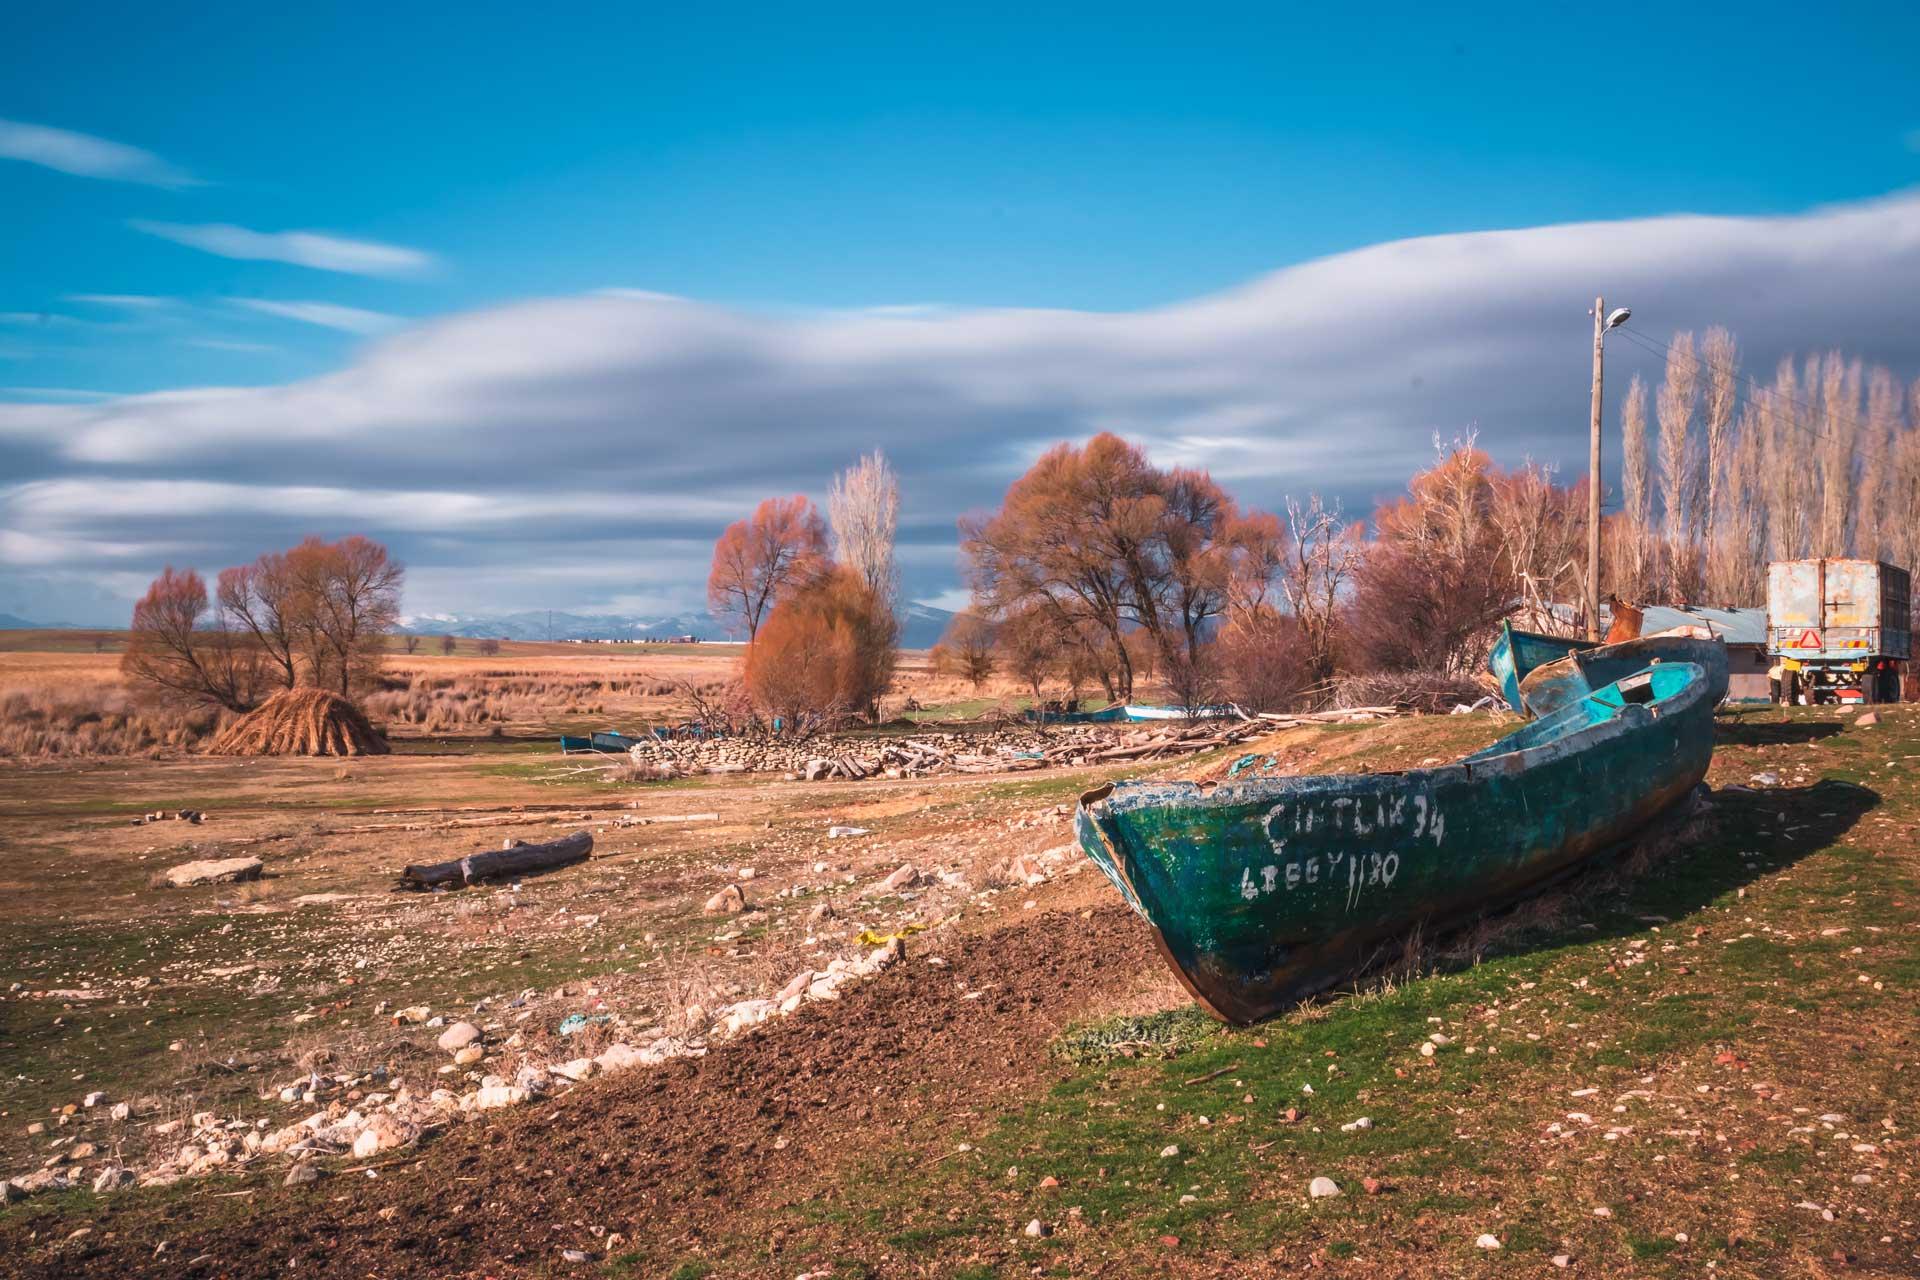 Beyşehir Fotoğrafları Tekne ve Bulutlar Uzun pozlama Çekergezer Hakan Aydın Fotoğrafları